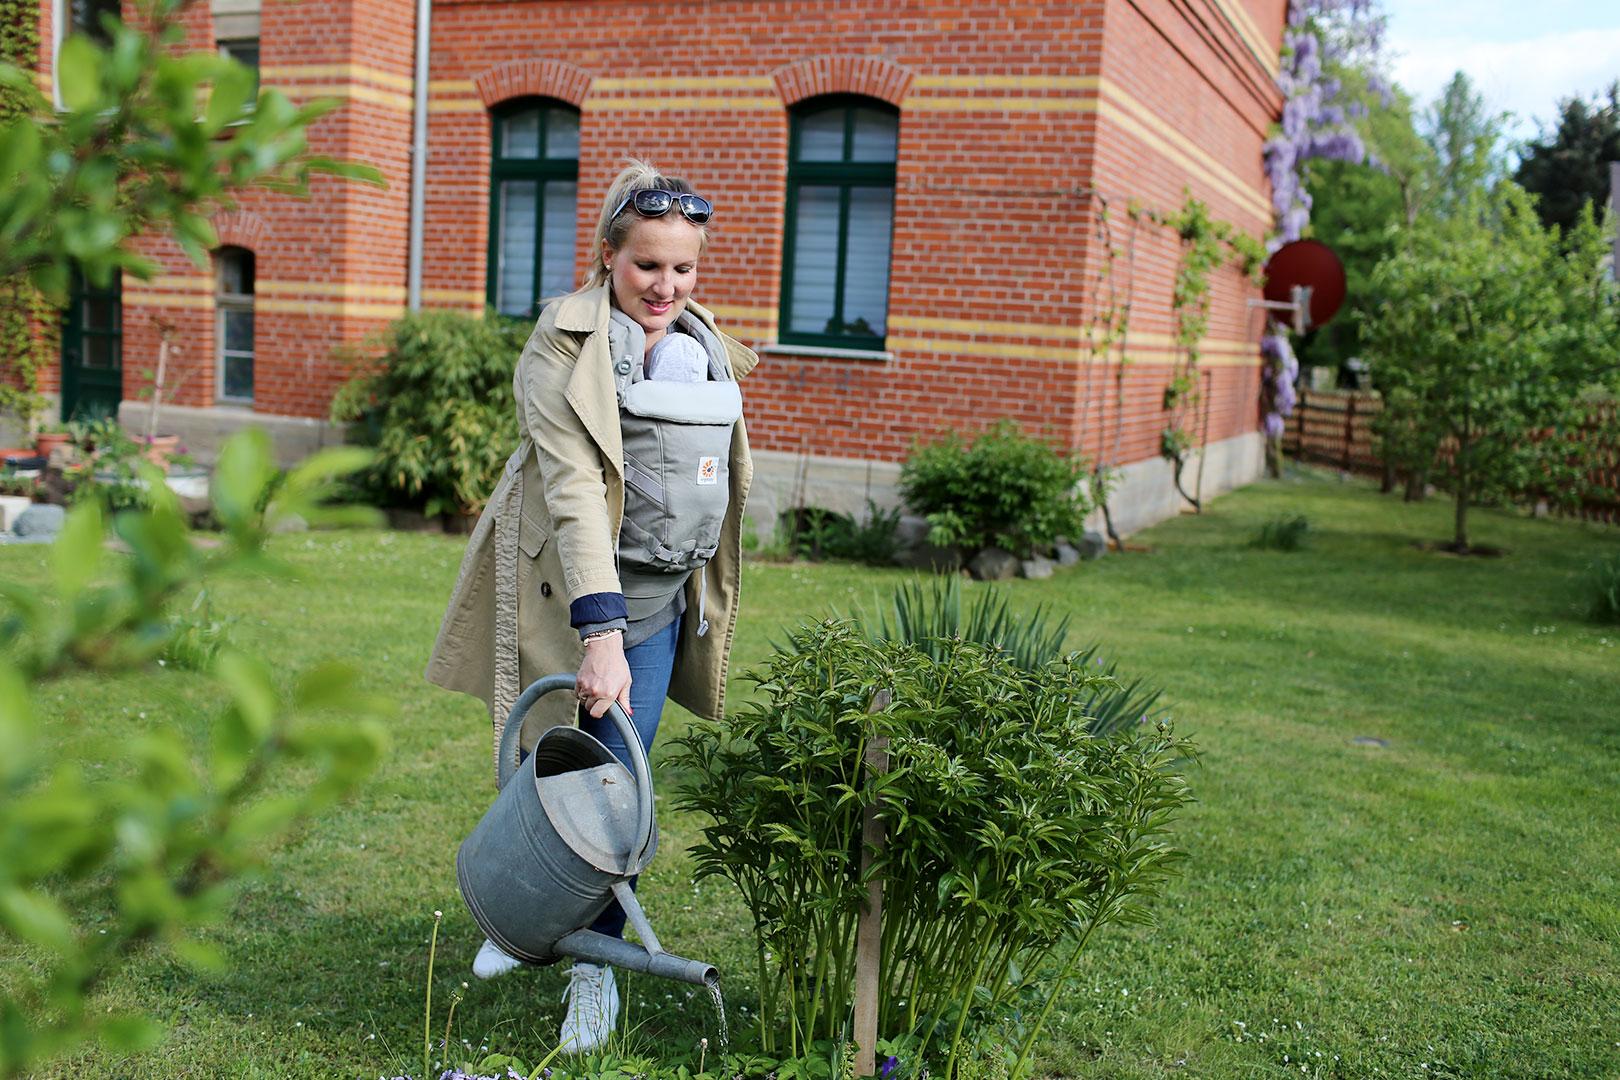 Gartenarbeit mit Baby